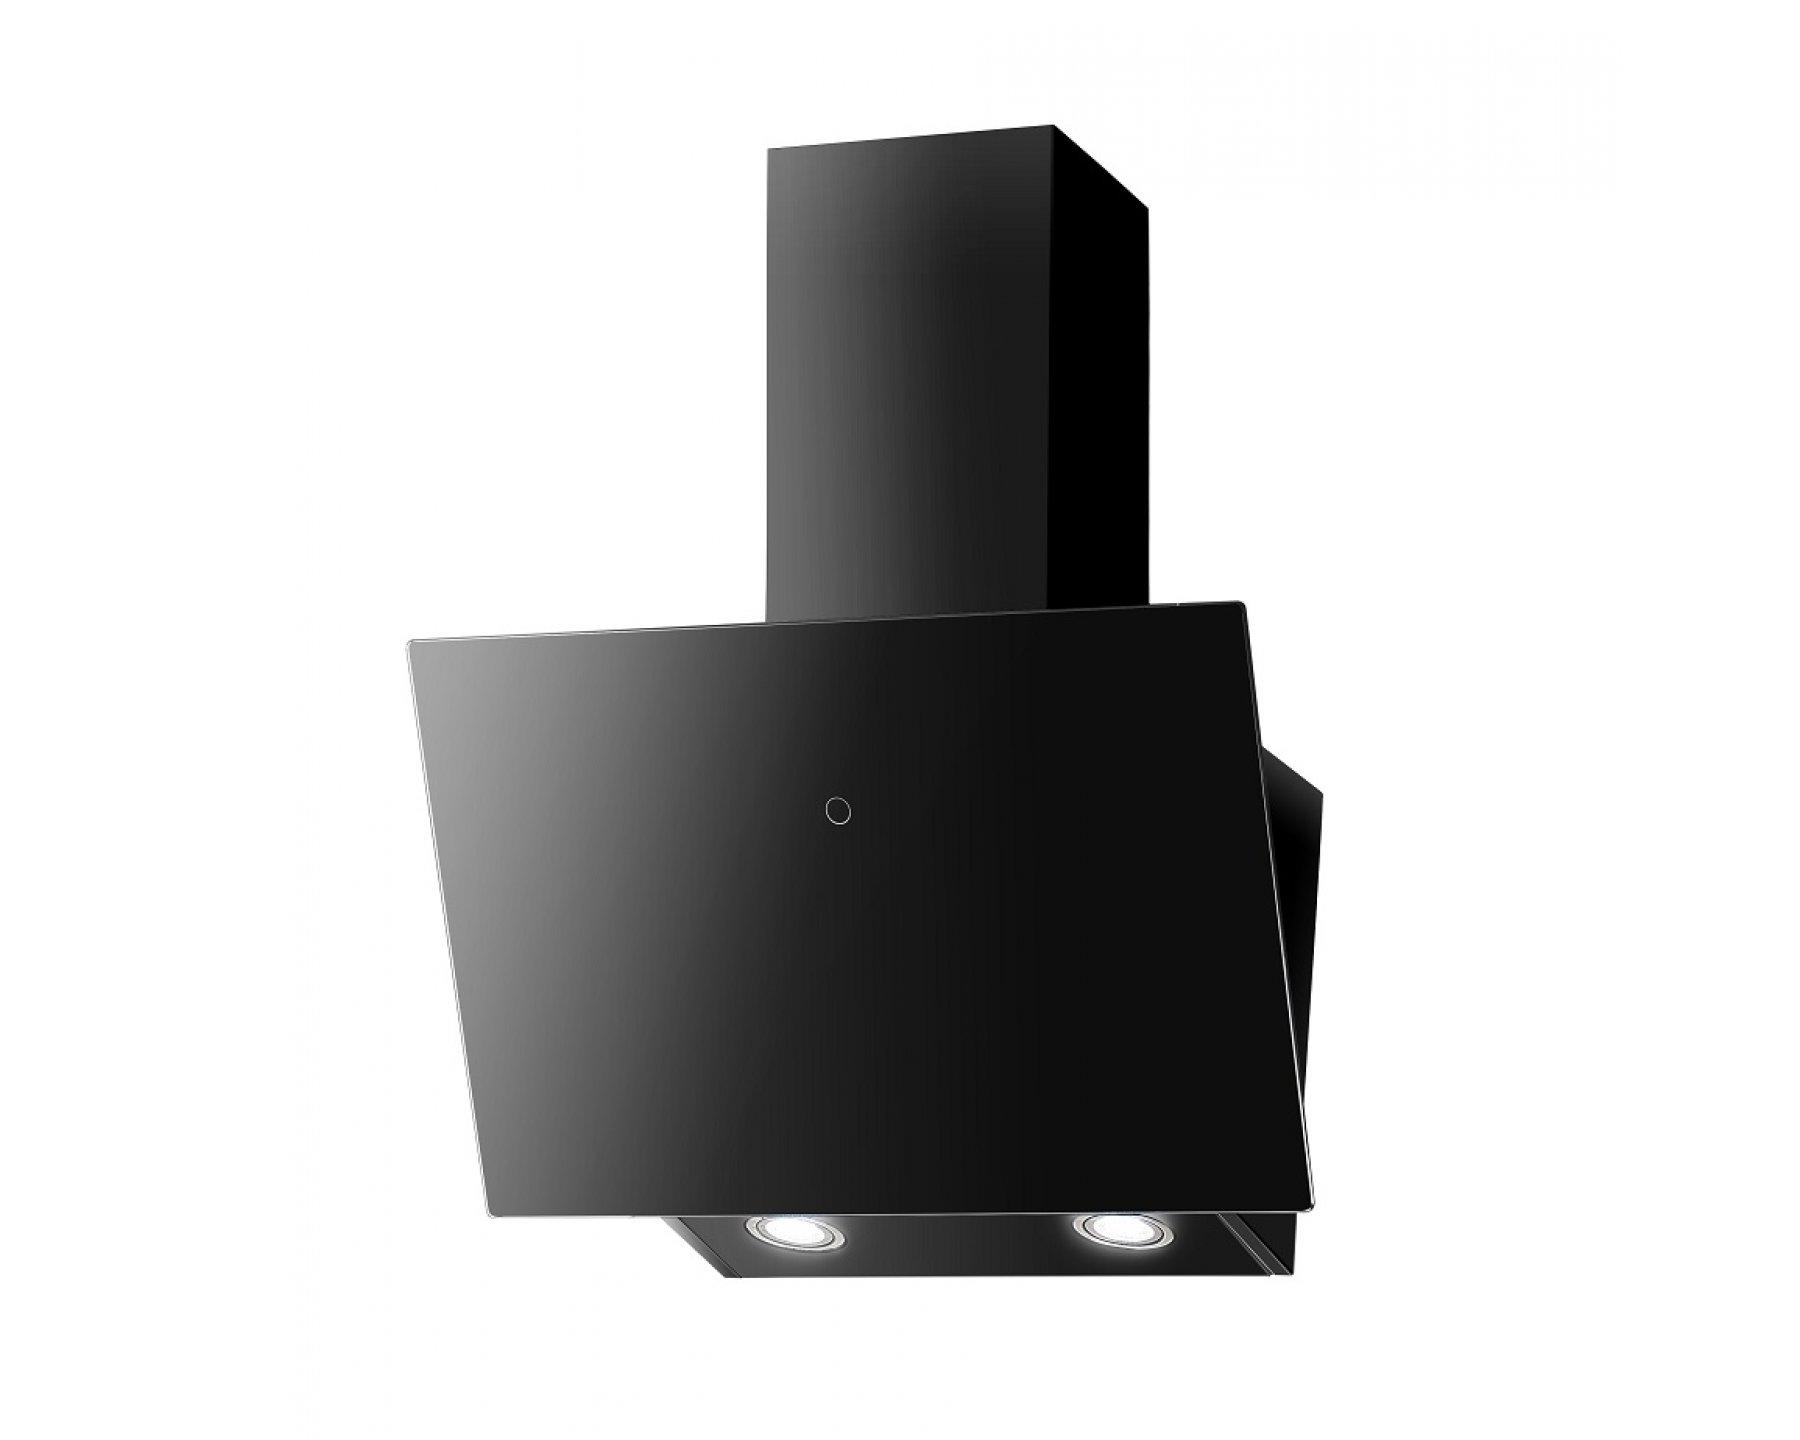 Obrázek galerie pro produkt Faber VRT BK A60 + AKCE, Digestoř šikmá 60cm, černá/černé sklo, 580m3/hod